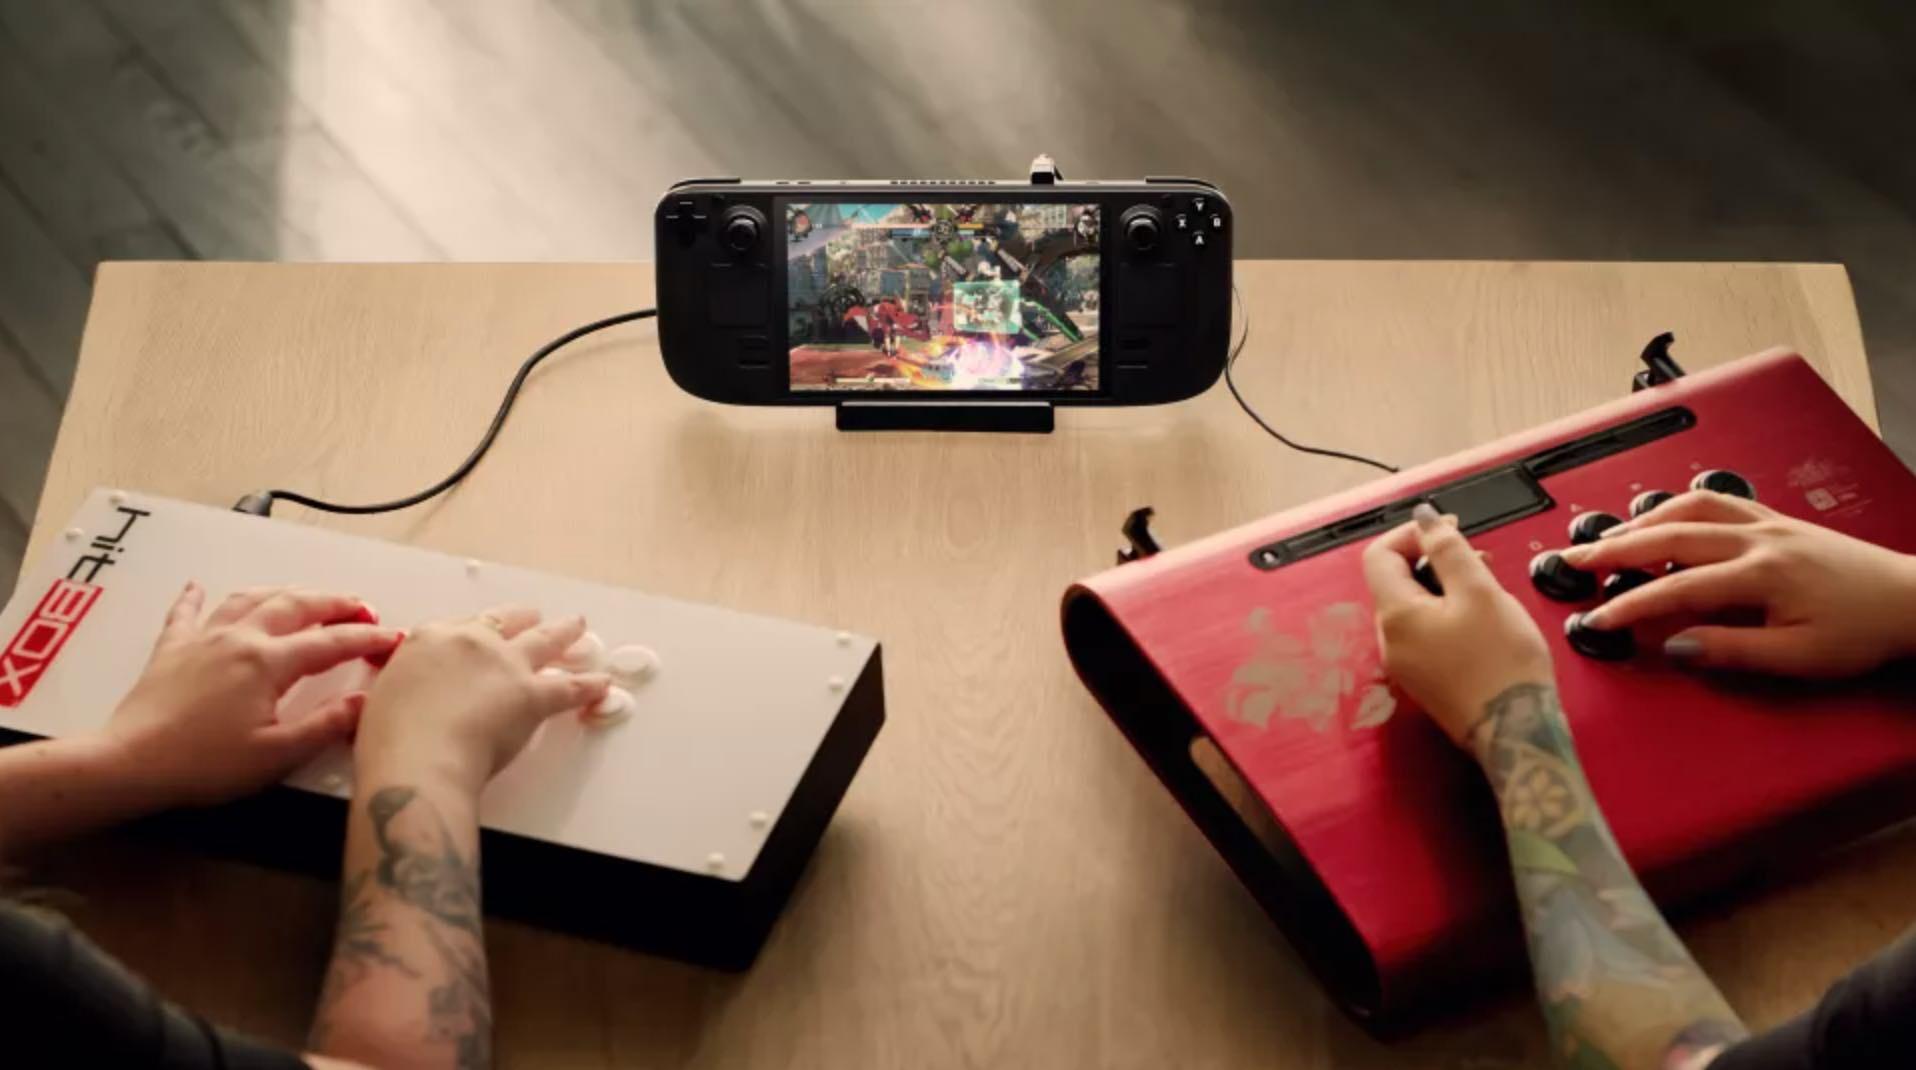 Valve tung thiết bị chơi game cầm tay Steam Deck mới, giá khởi điểm từ 400 USD